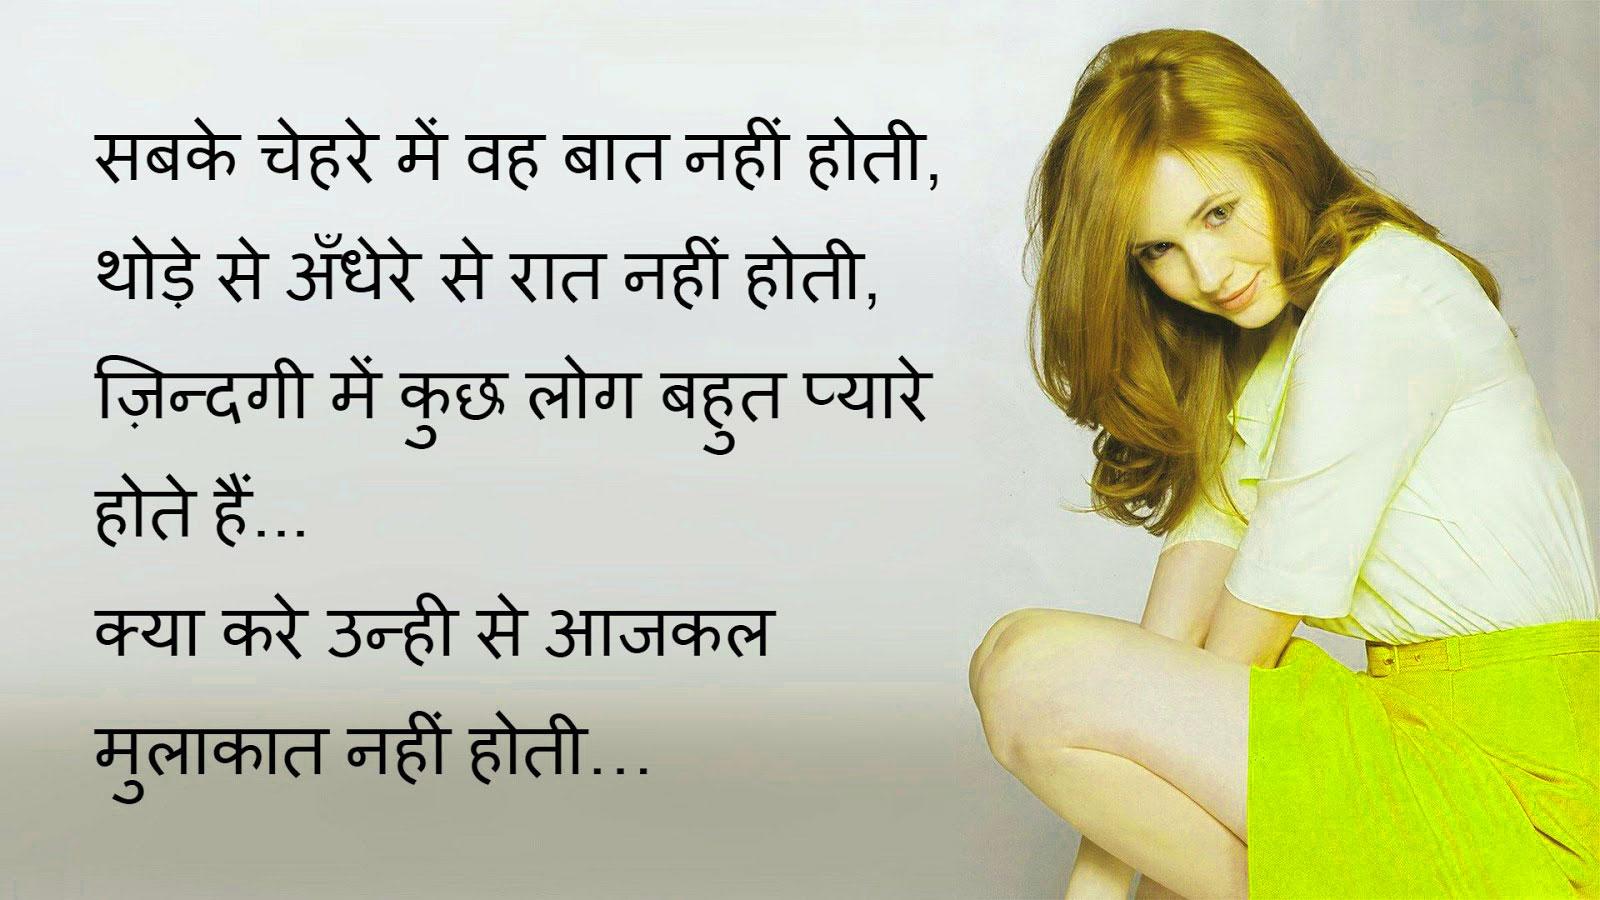 Best Hindi Love Shayari Quotes Whatsapp Status17